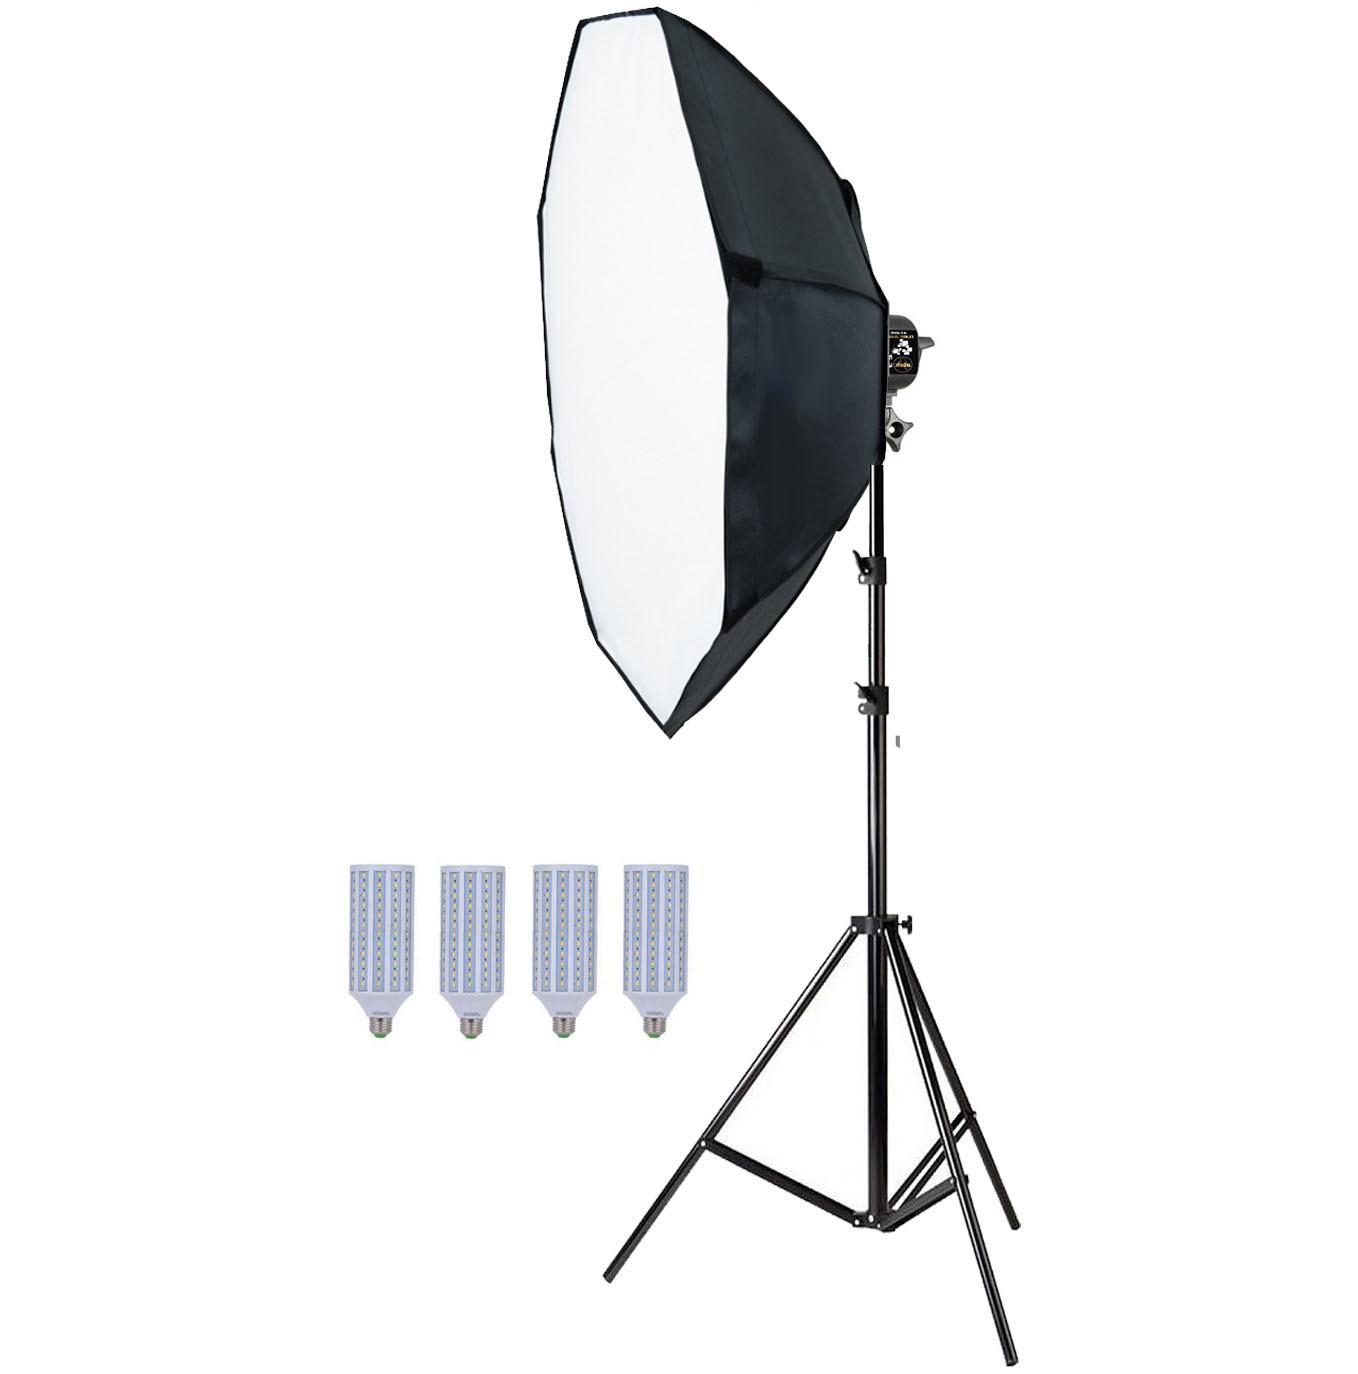 Kit Iluminação Estúdio 4x60W com Softbox Octo 140 Tubo Base E27 e Tripé  - Diafilme Materiais Fotográficos